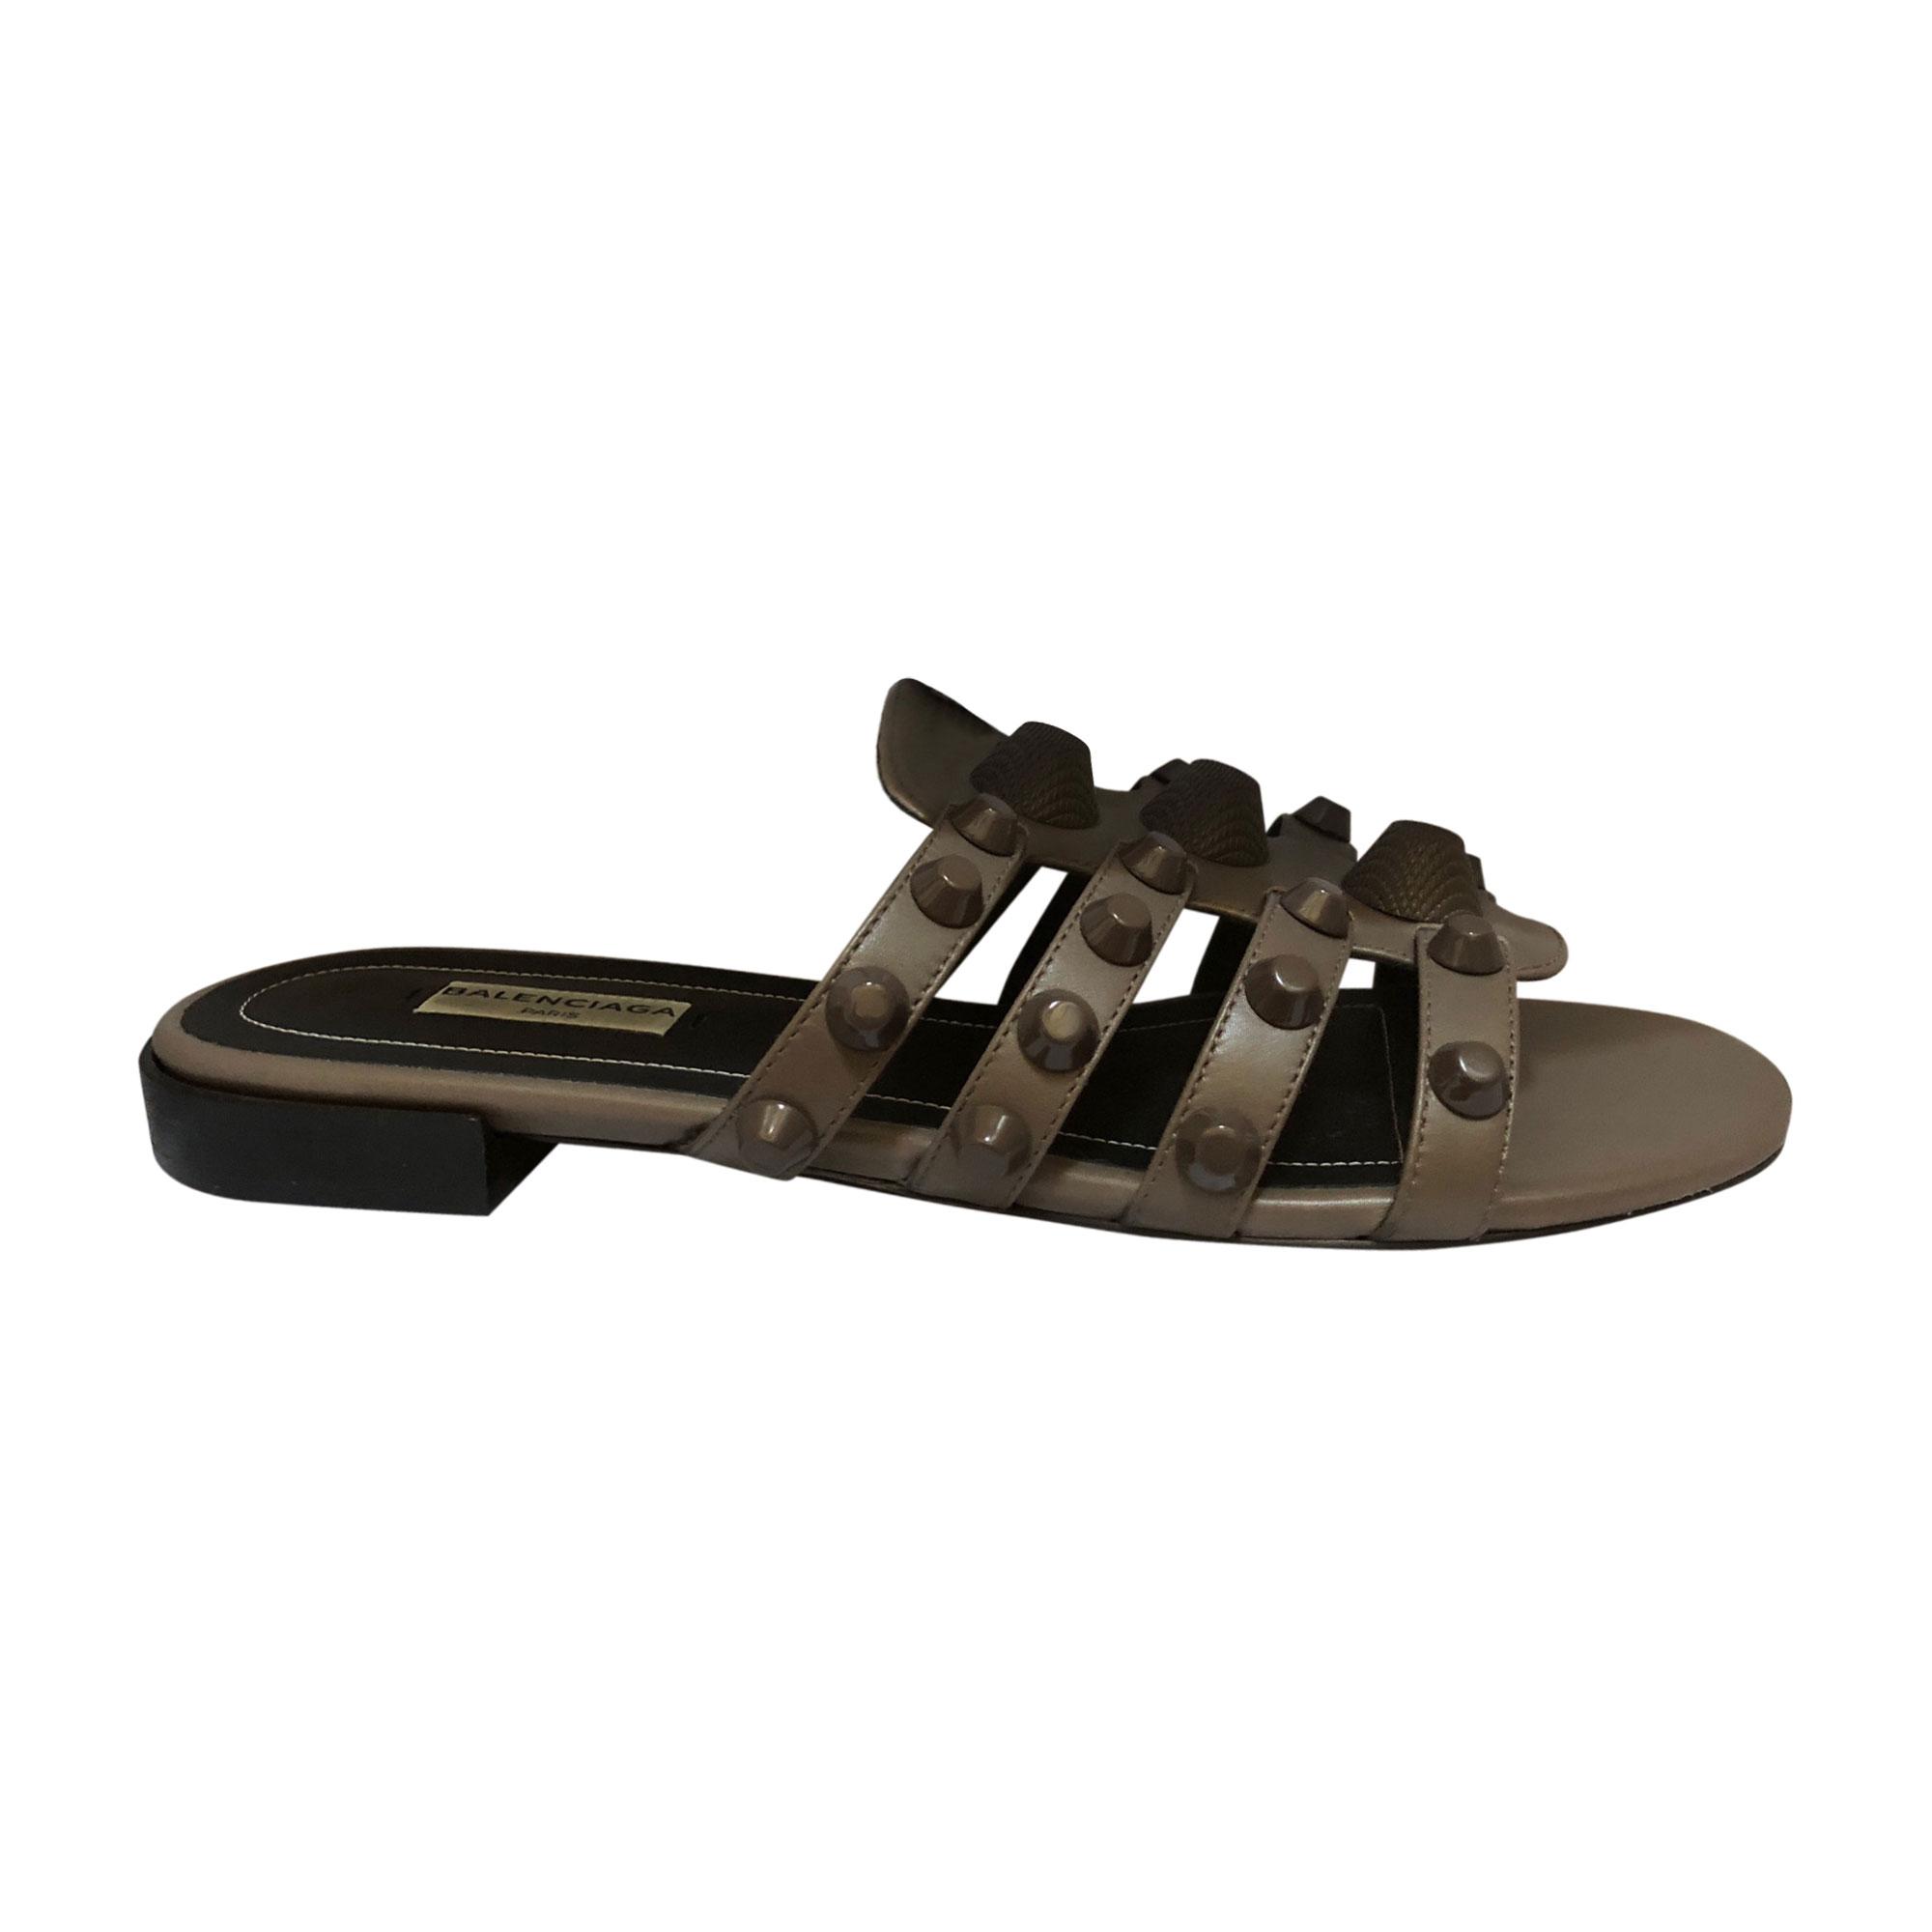 073cb344556d Flat Sandals BALENCIAGA Gray